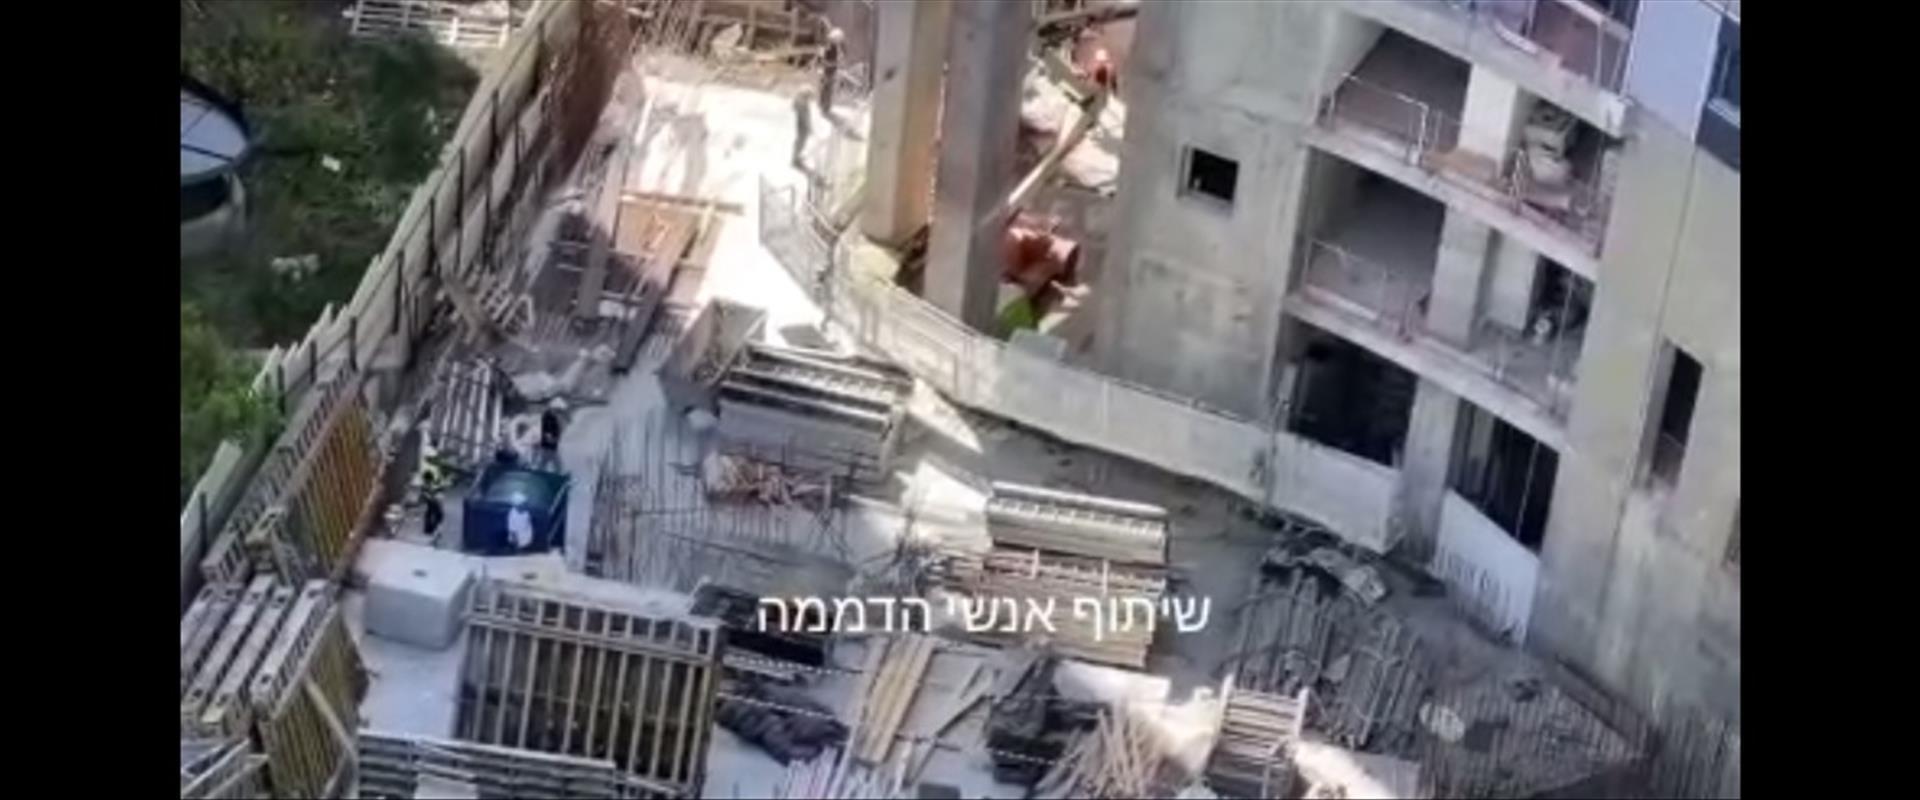 זירת תאונת העבודה בתל אביב, היום